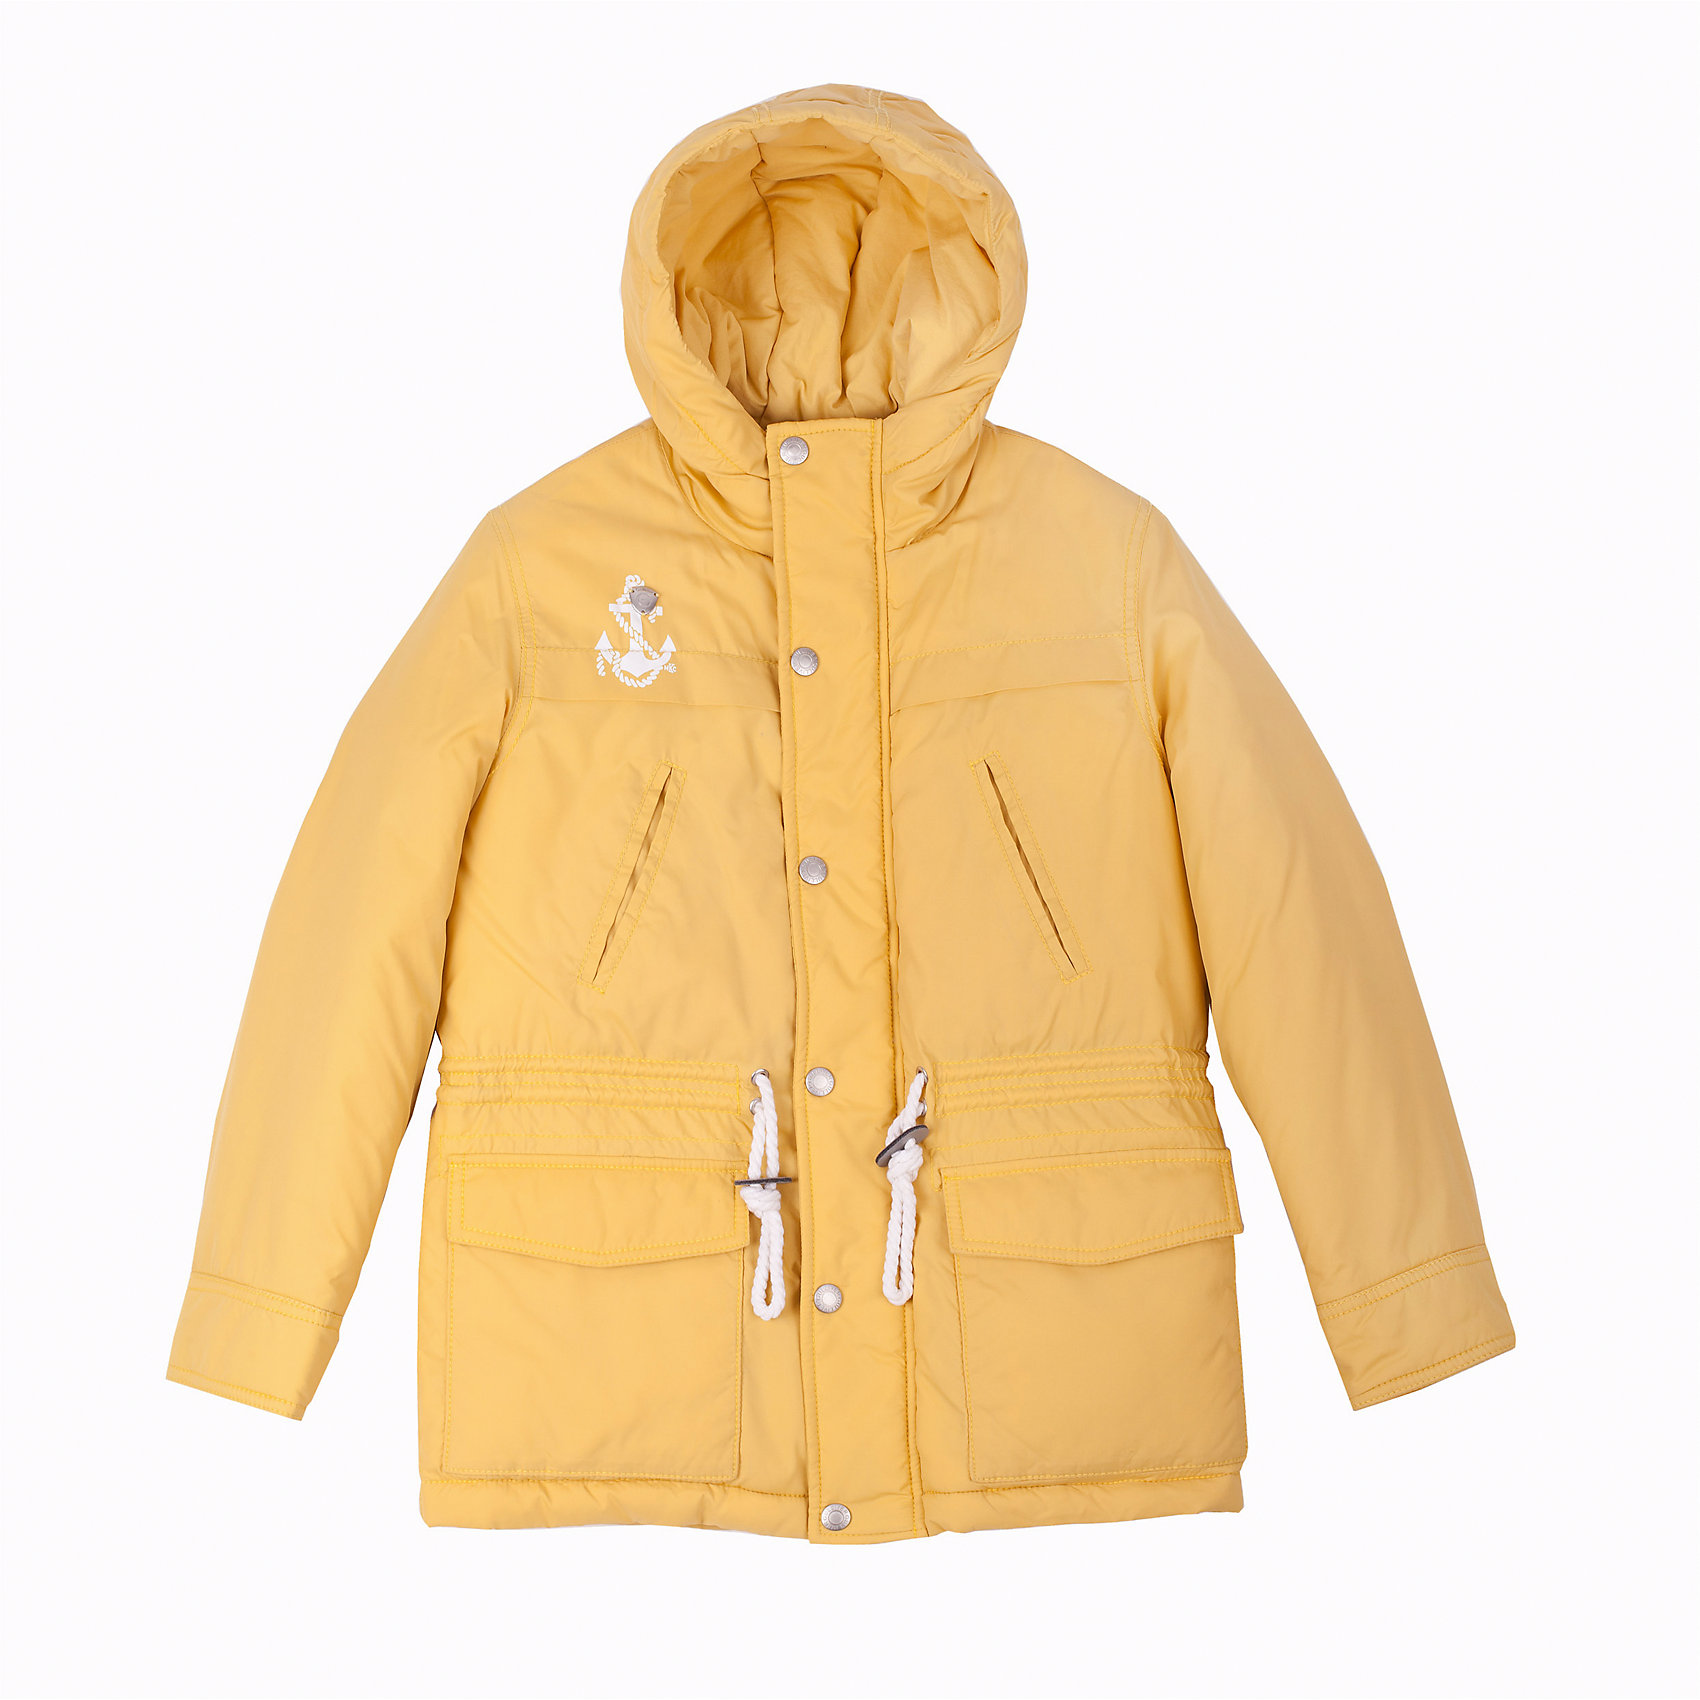 Куртка для мальчика GulliverВерхняя одежда<br>Яркая куртка-парка для мальчика - трендовая вещь сезона Весна/Лето 2016! Утепленная желтая куртка подарит уют и комфорт при неустойчивой весенней погоде, а также создаст по-настоящему солнечное настроение! Оригинальный дизайн, модный крой, продуманные функциональные детали делают куртку нужным, важным, необходимым элементом модного мальчикового гардероба в стиле casual! Если вы решили обновить весенний гардероб, начните с верхней одежды! Вам стоит купить эту куртку, чтобы сделать каждый день ребенка радостным и комфортным! Интересный занимательный принт на спинке, настрочные шевроны, выразительная брендированная фурнитура наверняка понравятся современному мальчику. Модная весенняя куртка на синтепоне - основа стильного позитивного образа!<br>Состав:<br>верх: 100% нейлон;  подкладка: 100% хлопок; утеплитель: 100% полиэстер<br><br>Ширина мм: 356<br>Глубина мм: 10<br>Высота мм: 245<br>Вес г: 519<br>Цвет: желтый<br>Возраст от месяцев: 84<br>Возраст до месяцев: 96<br>Пол: Мужской<br>Возраст: Детский<br>Размер: 128,122,140,134<br>SKU: 4534968